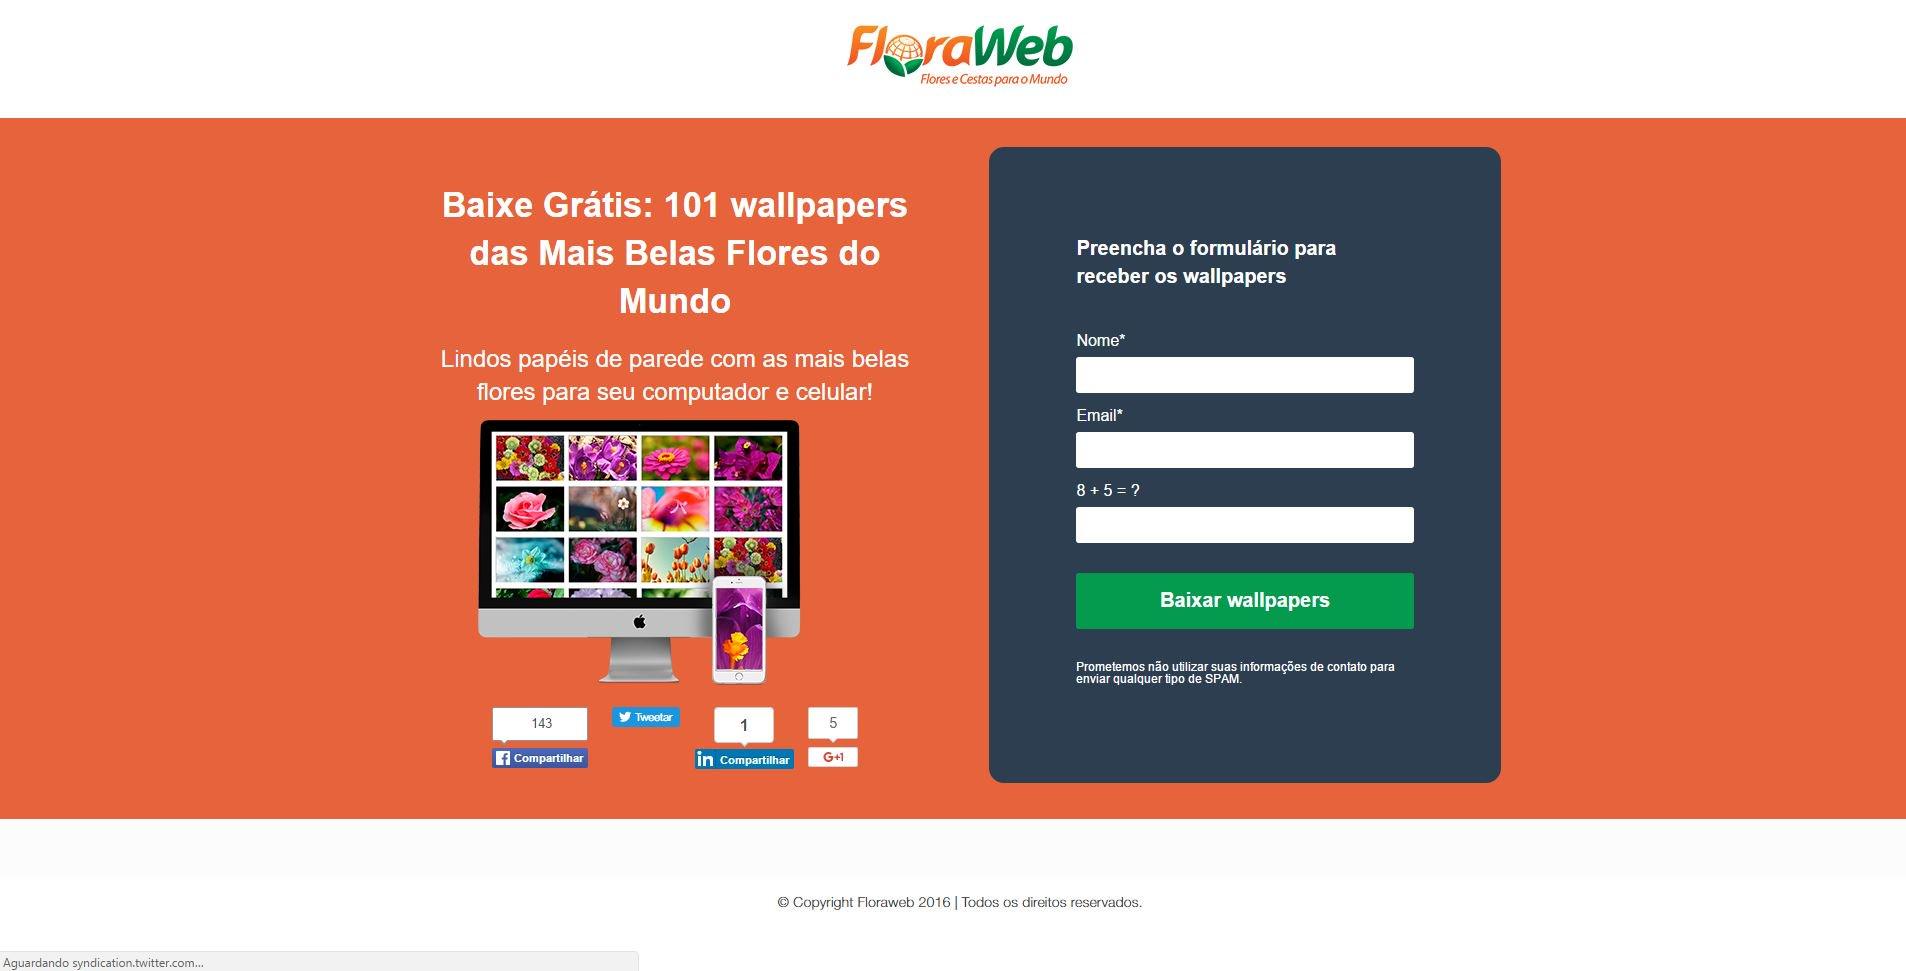 criação de conteúdo de landing pages pela floraweb